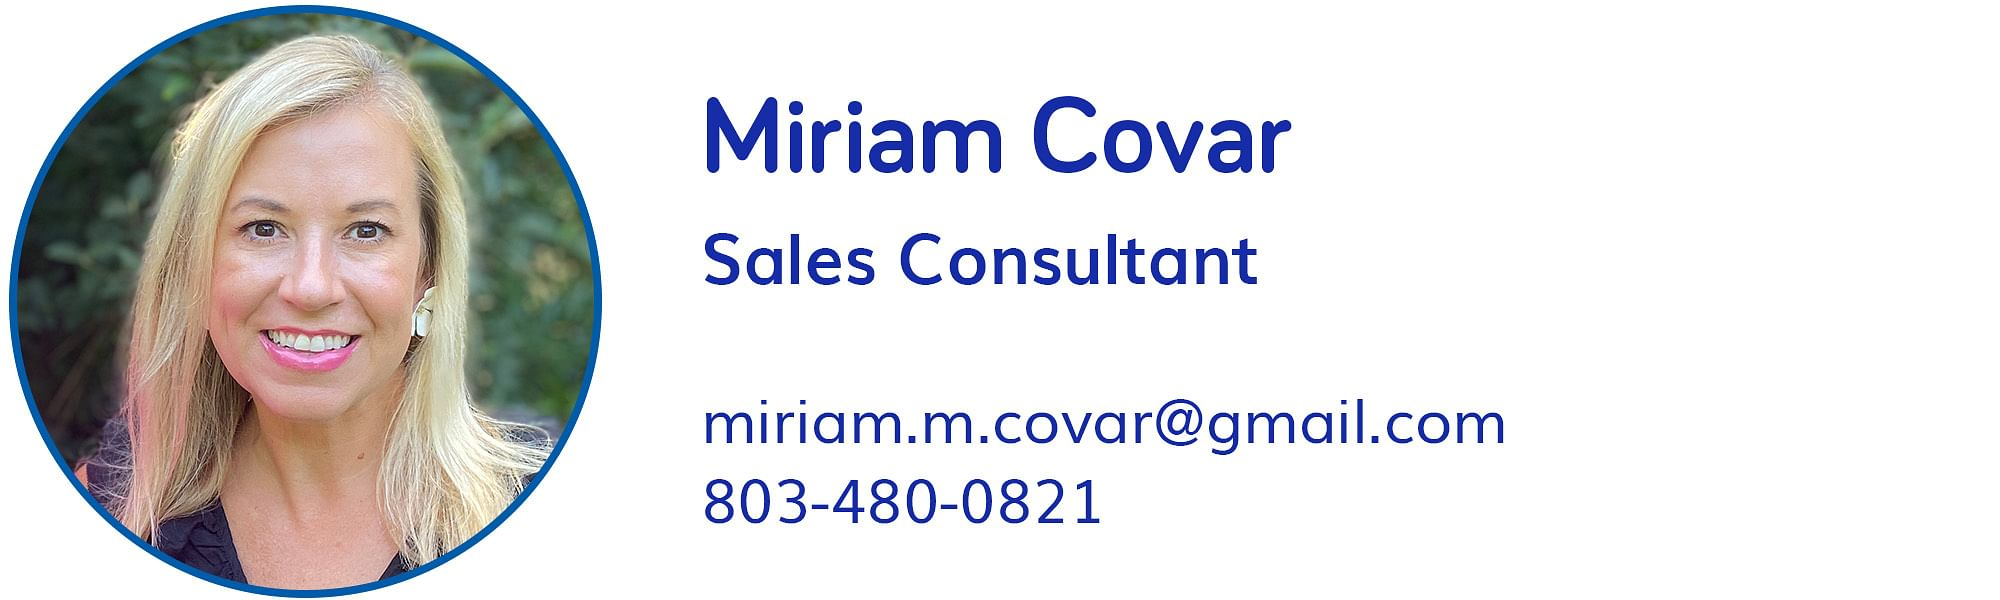 Miriam Covar, miriam.m.covar@gmail.com, 803-480-0821